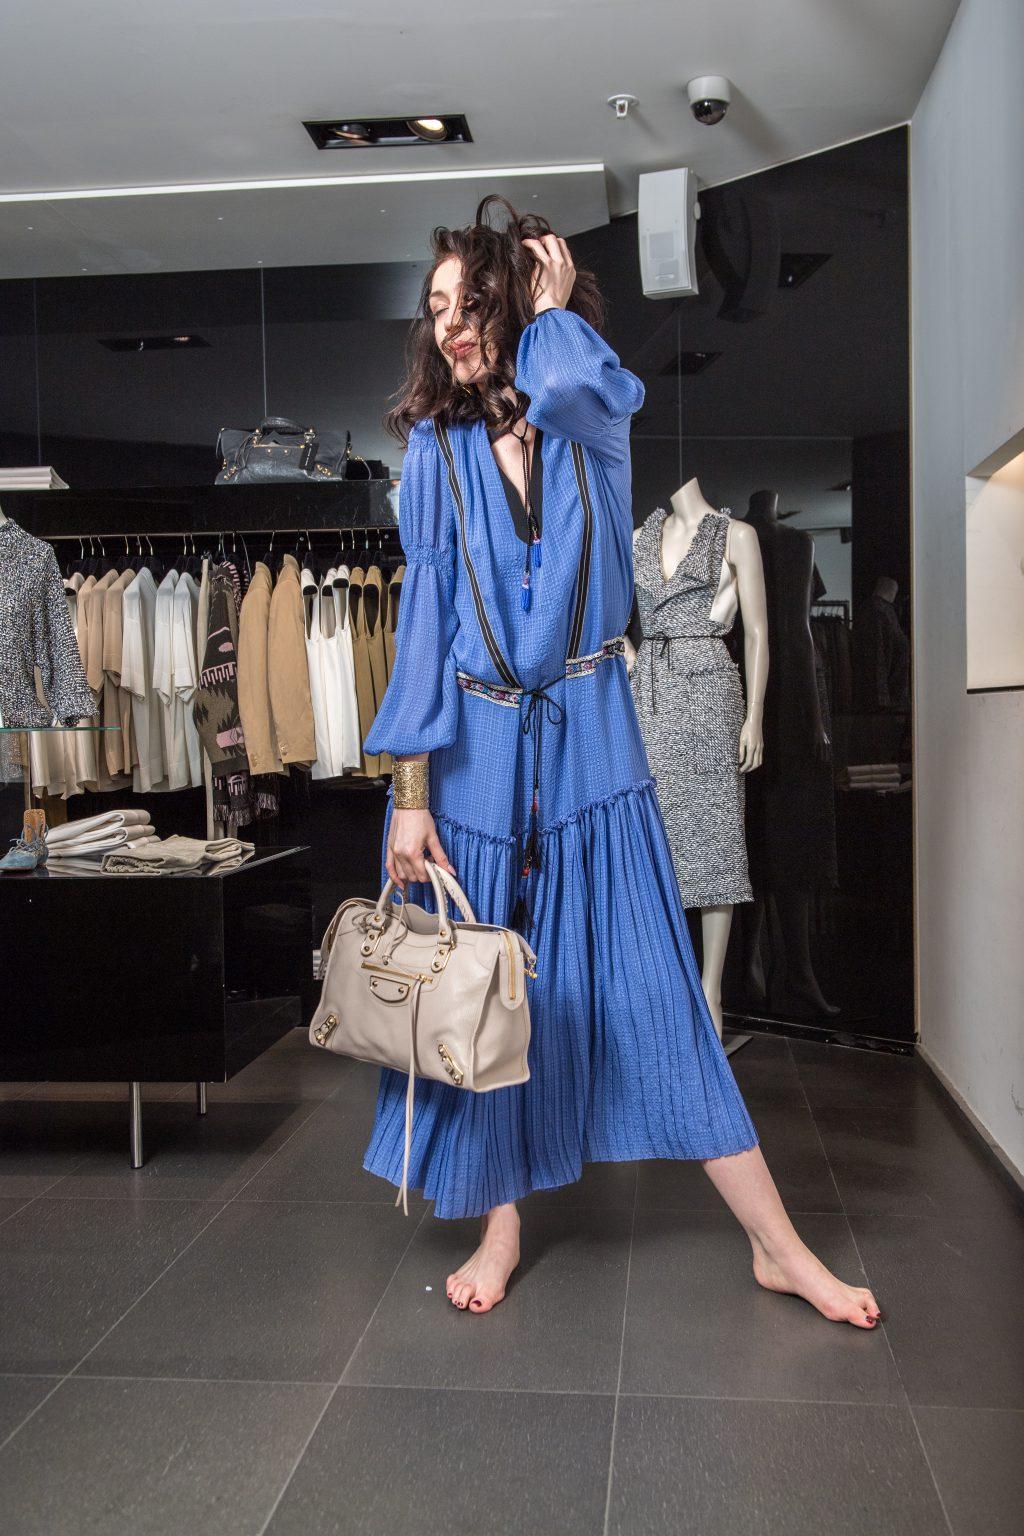 robe balanciaga lookbook